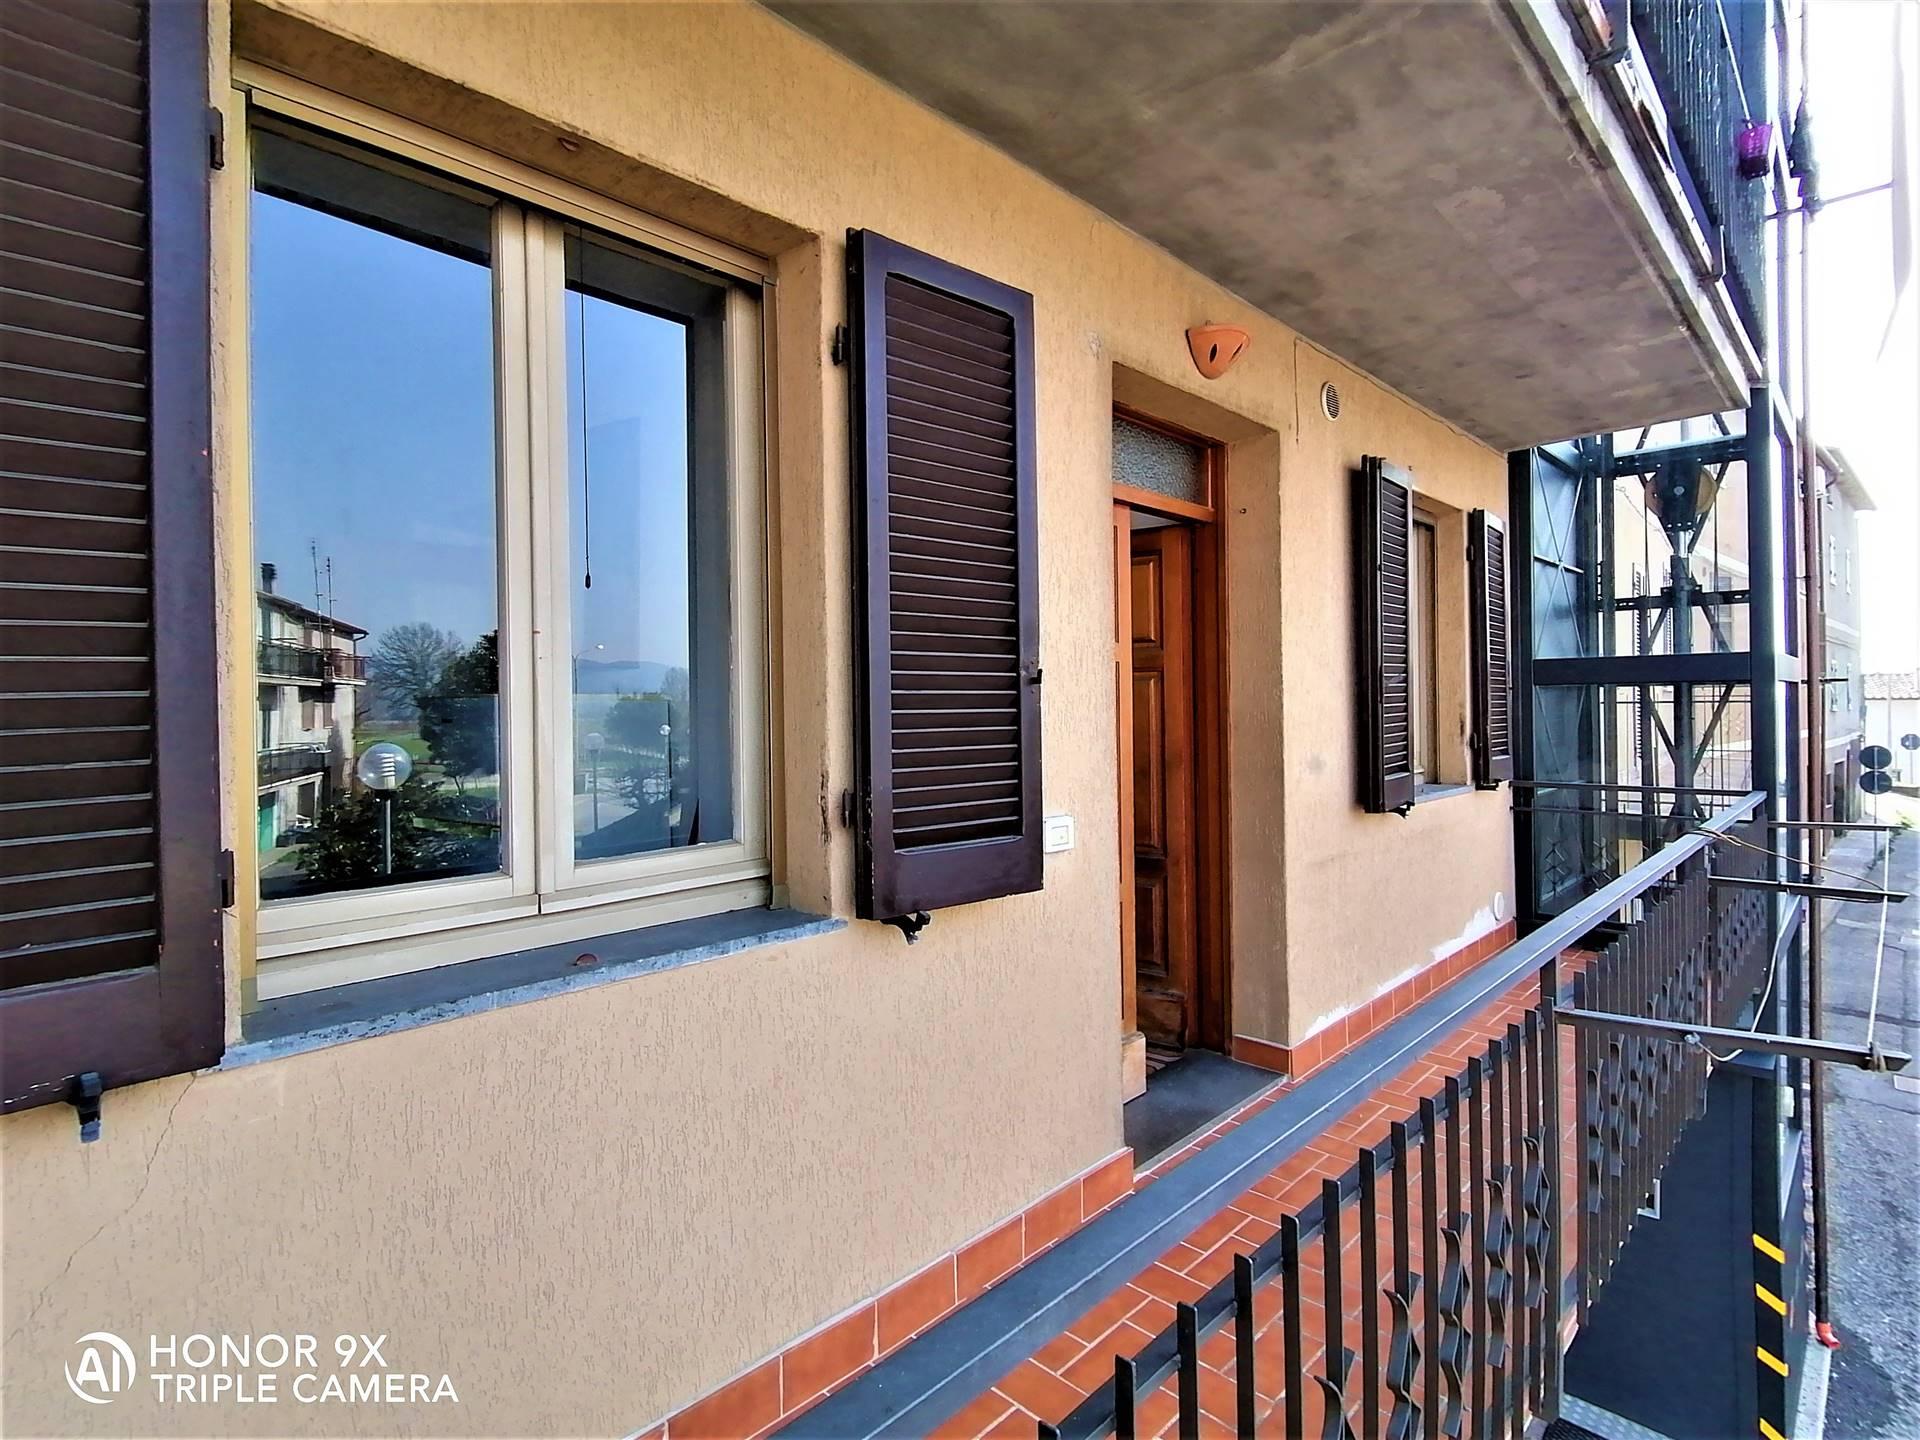 Appartamento in vendita a Monteleone d'Orvieto, 4 locali, zona Zona: Santa Maria, prezzo € 60.000   CambioCasa.it